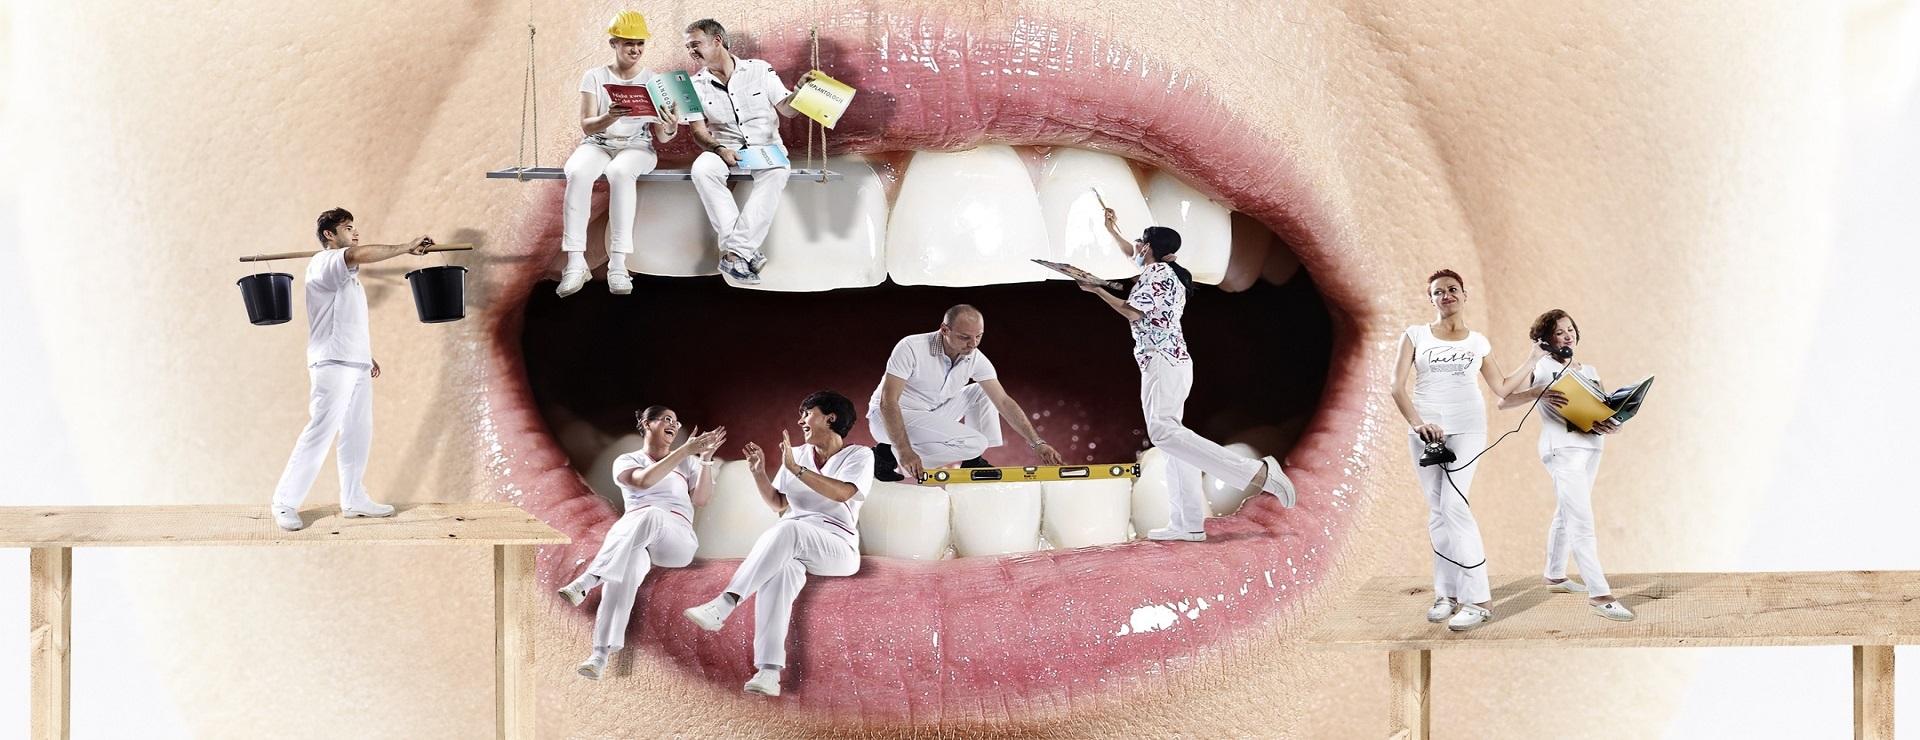 Sidique dental surgry